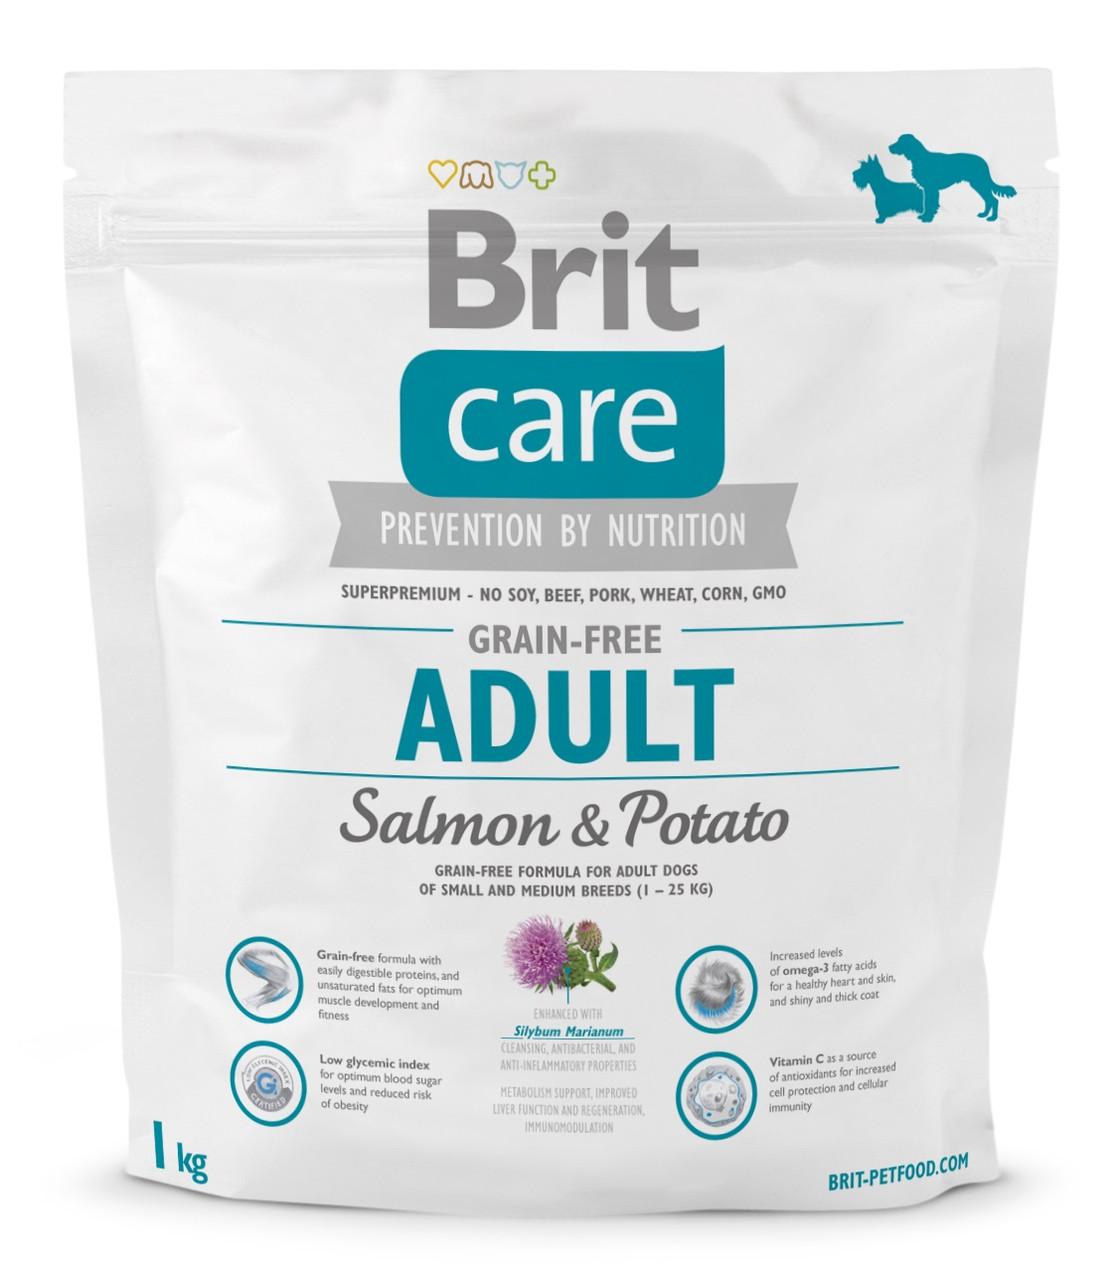 Сухий беззерновой корм для собак Brit Care Adult Salmon & Potato з лососем і картоплею 1 кг